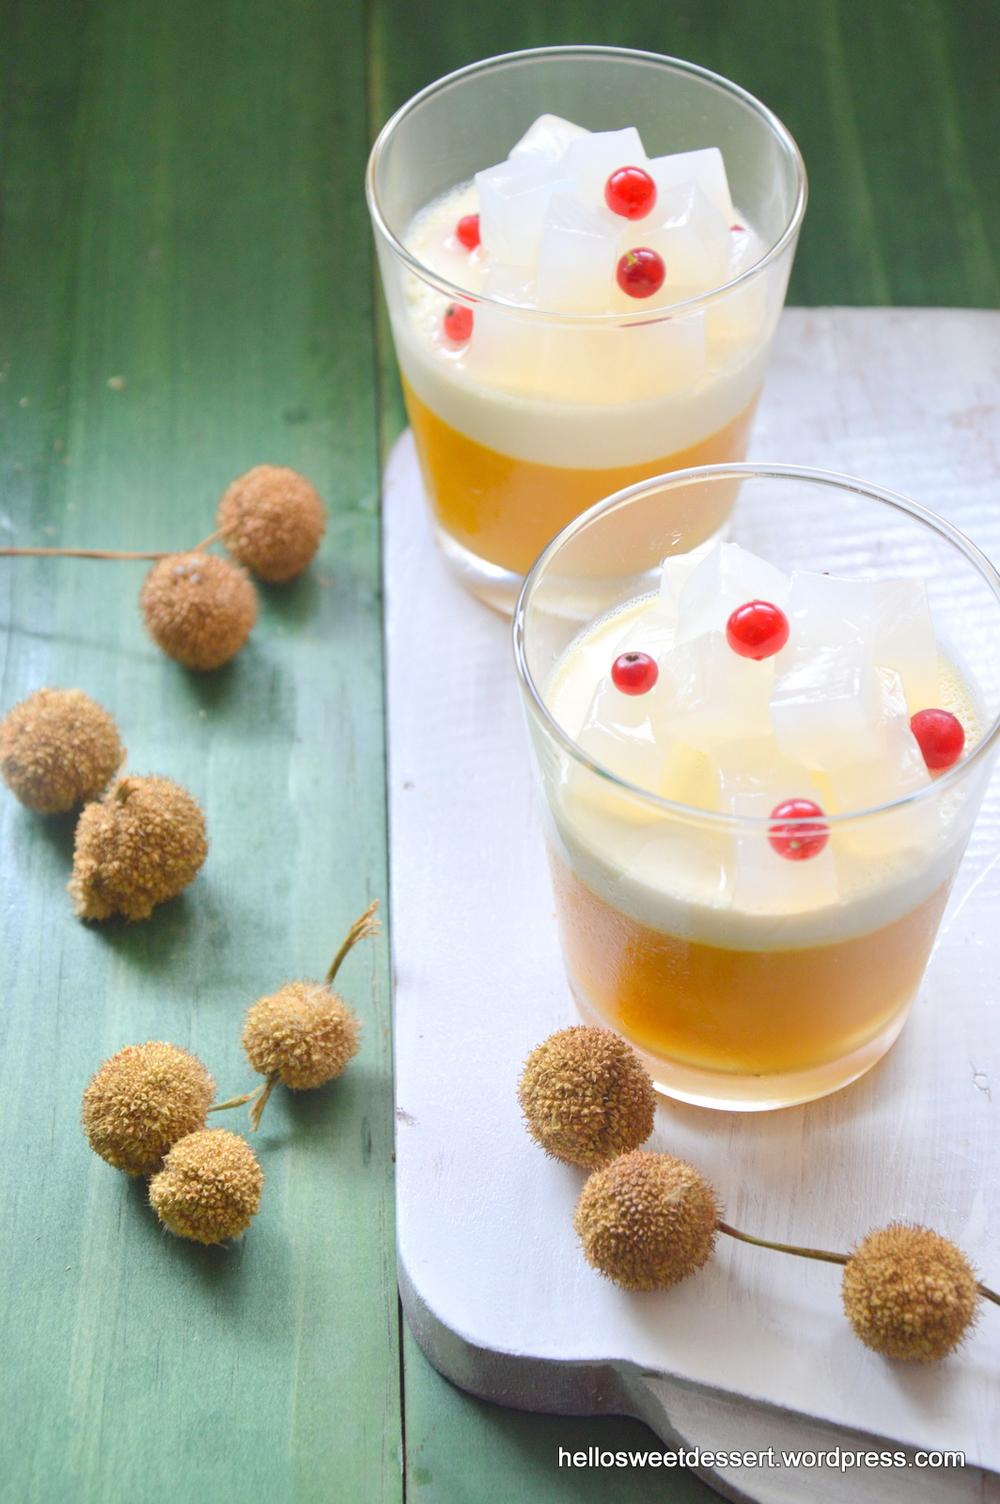 mango-jelly-vanilla-panna-cotta-2.jpg